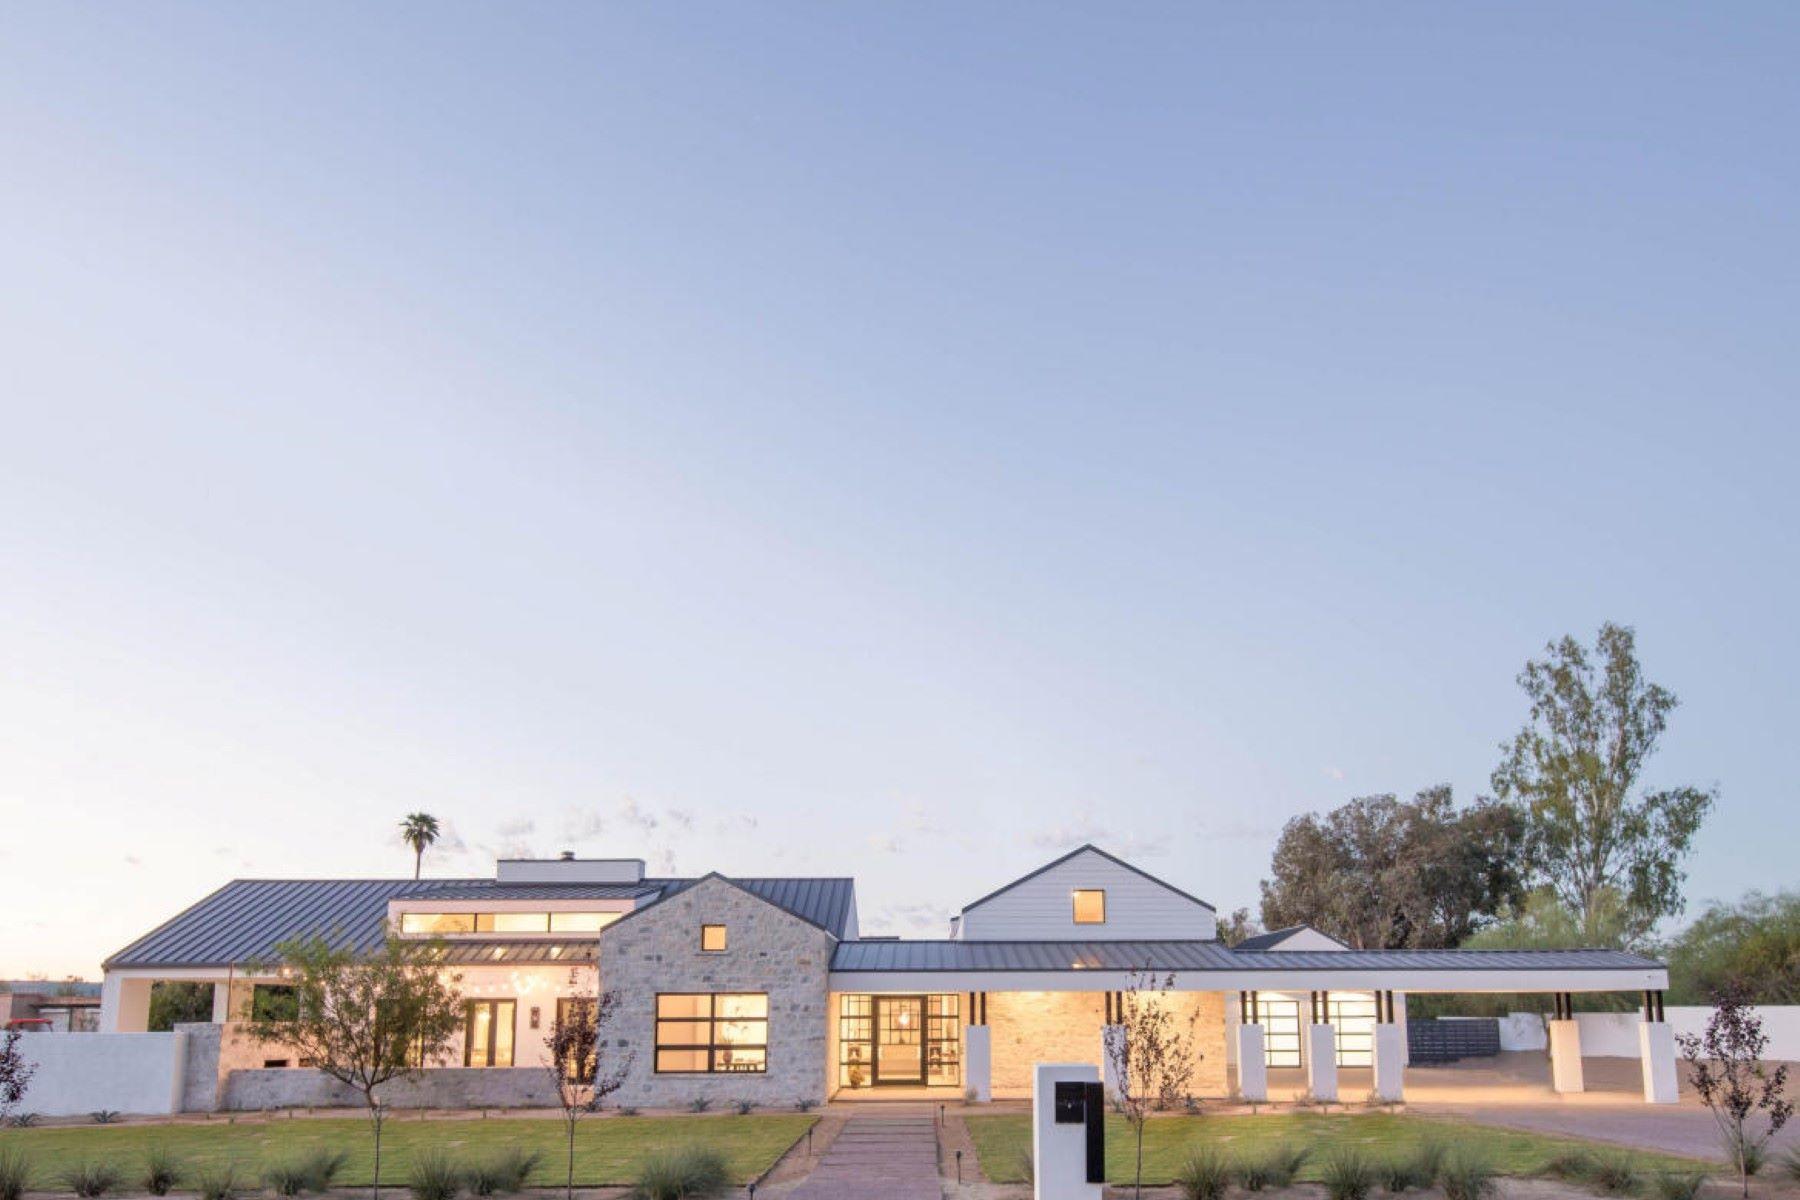 独户住宅 为 销售 在 Incredible Modern Farmhouse 3253 E San Miguel Pl 天堂谷, 亚利桑那州, 85253 美国